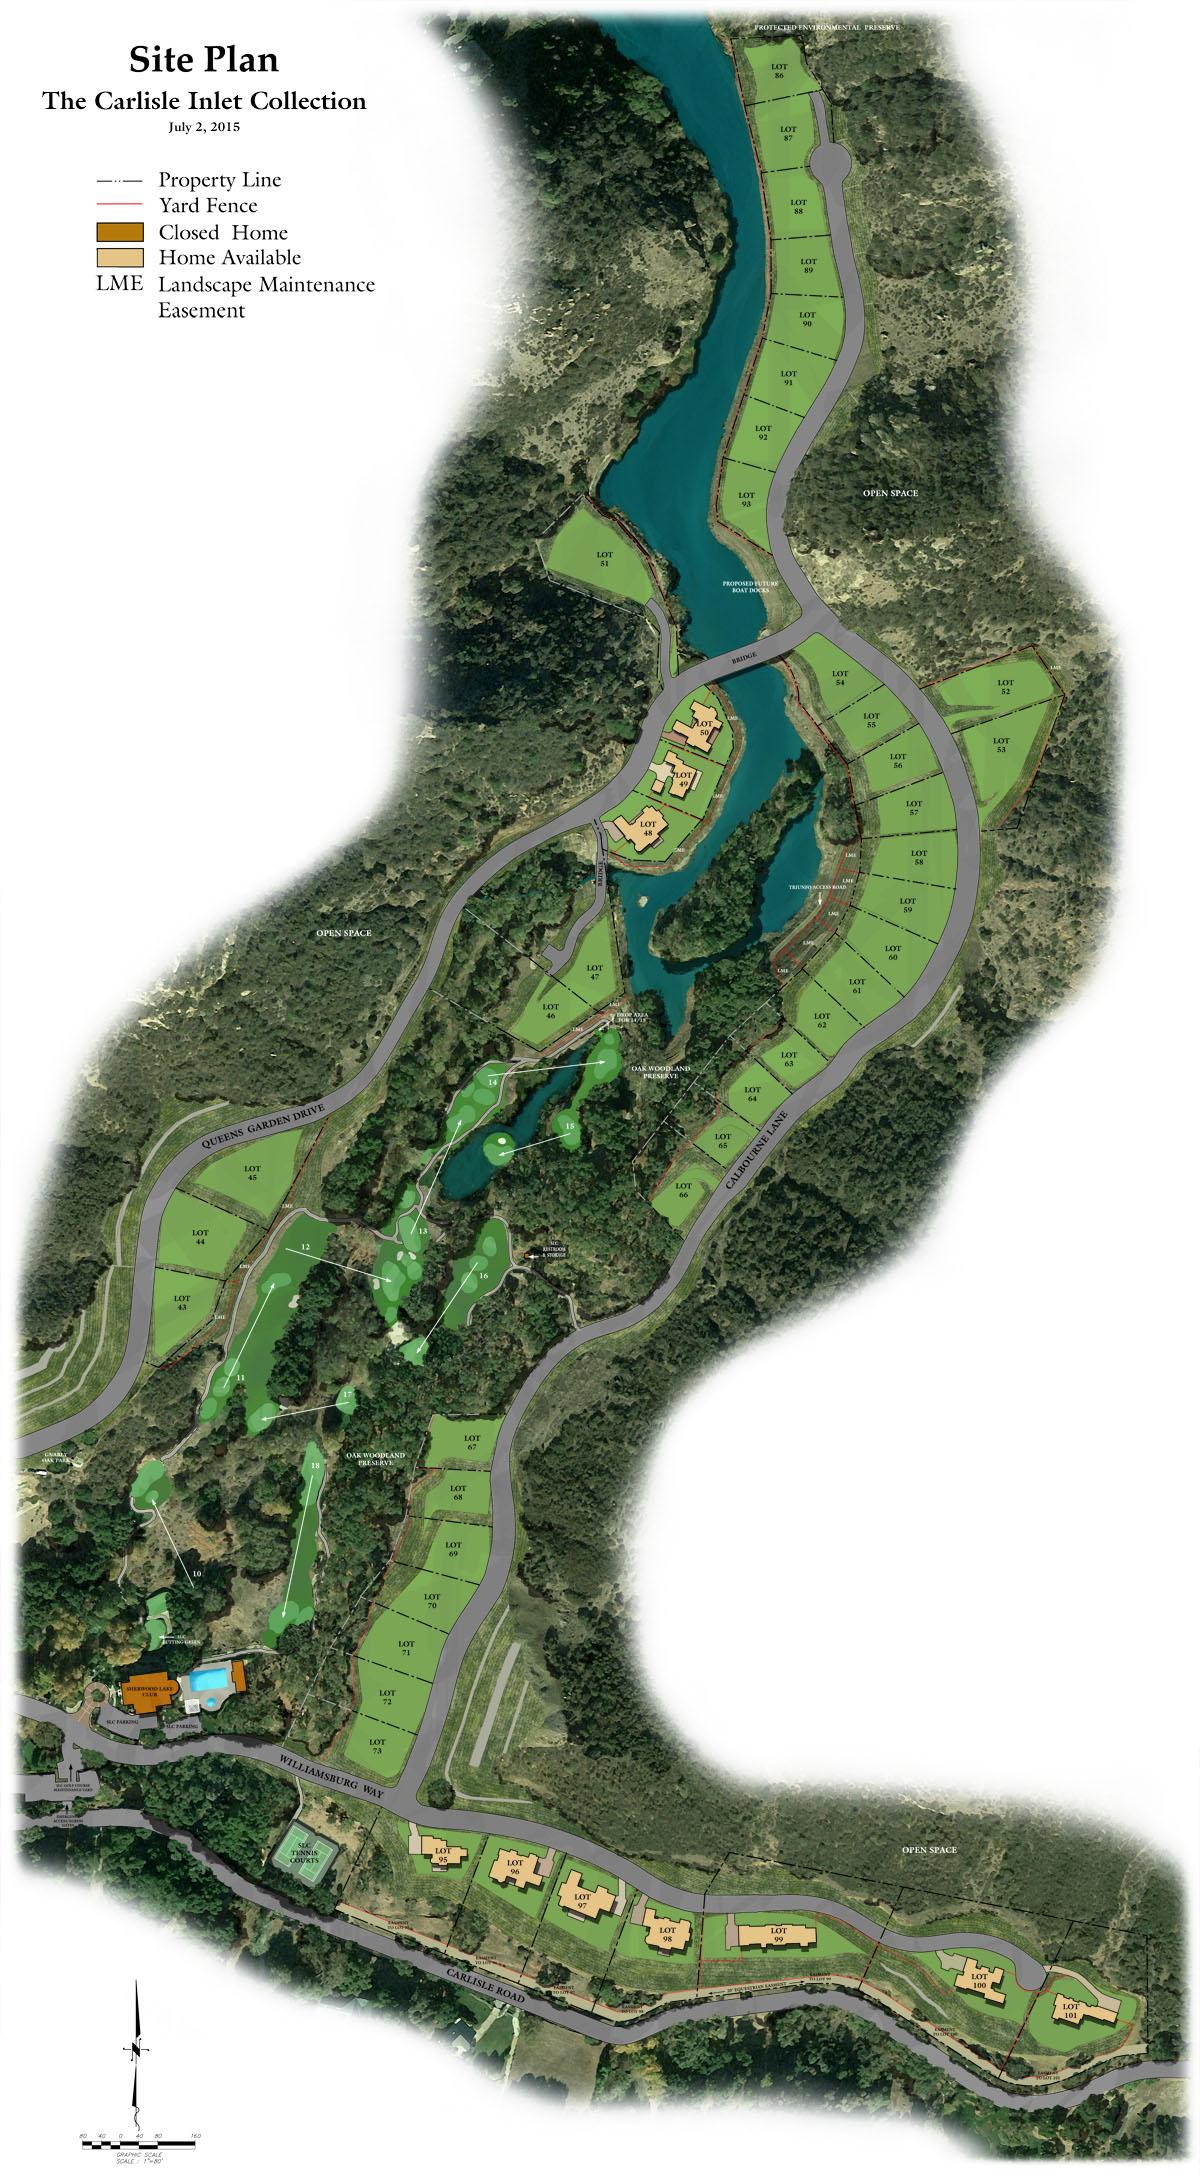 Carlisle Inlet Collection Site Plan Lake Sherwood, CA